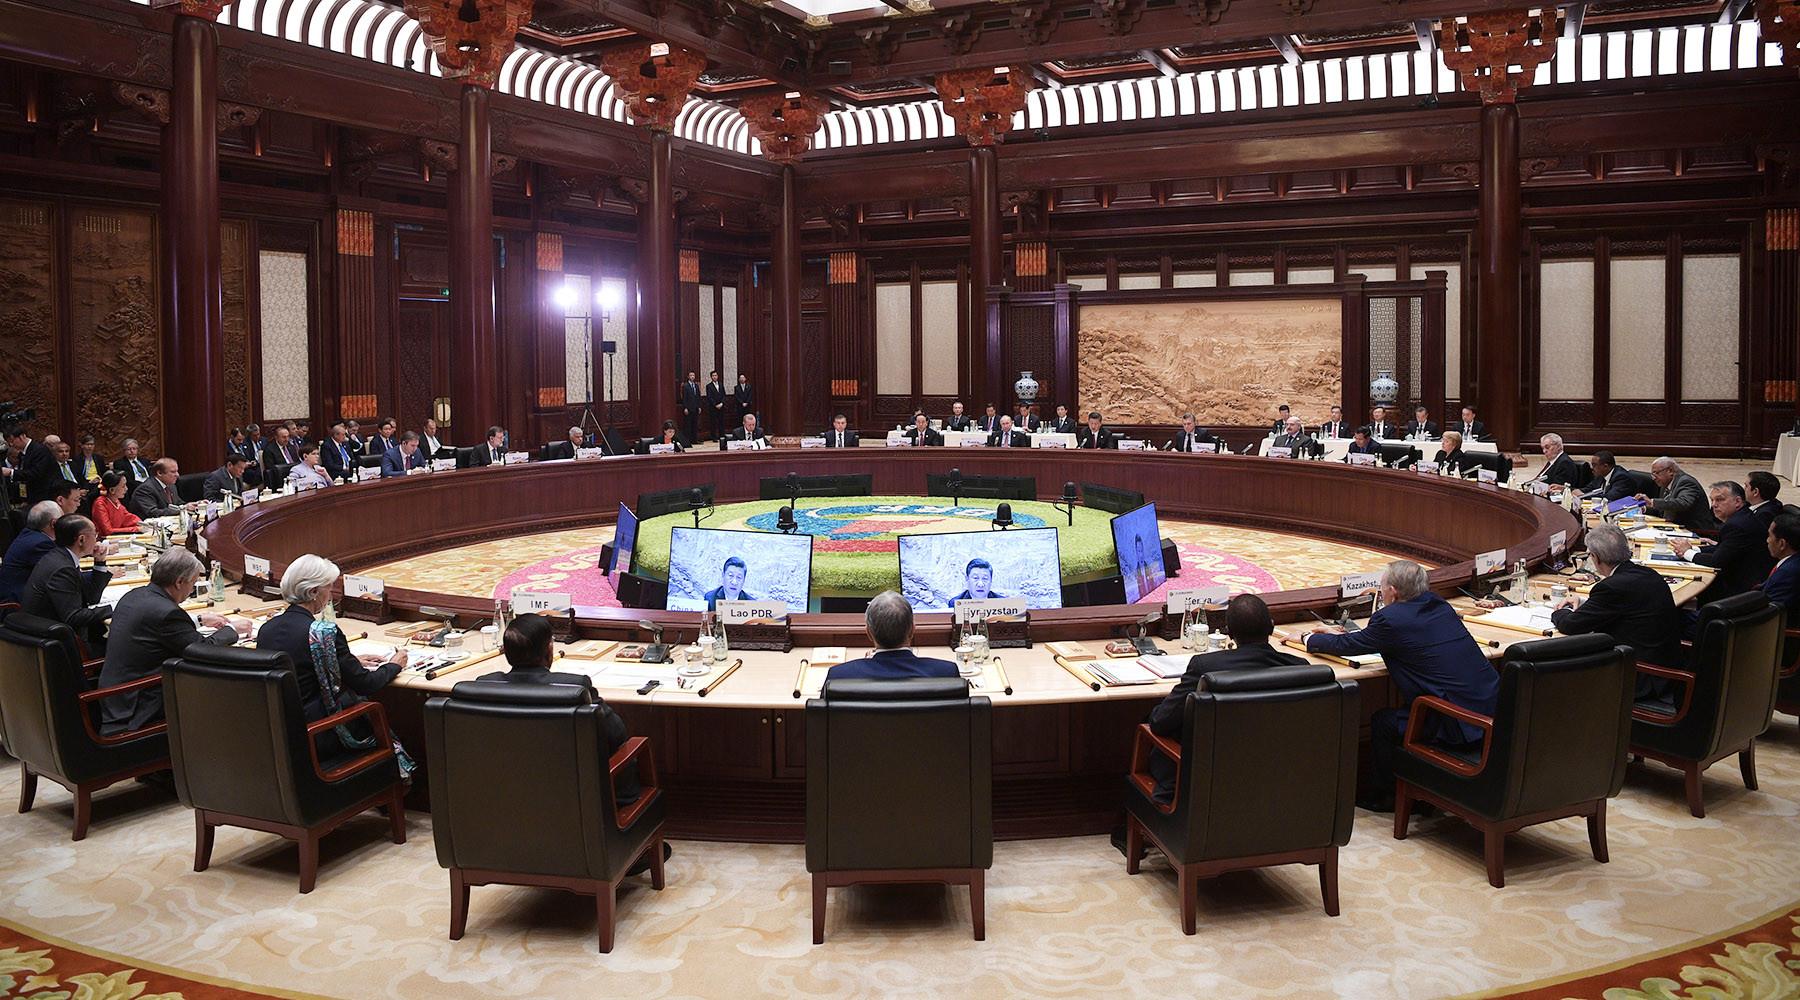 Заглянул к другу:  Зачем Си Цзиньпин встречается с Путиным накануне саммита G-20